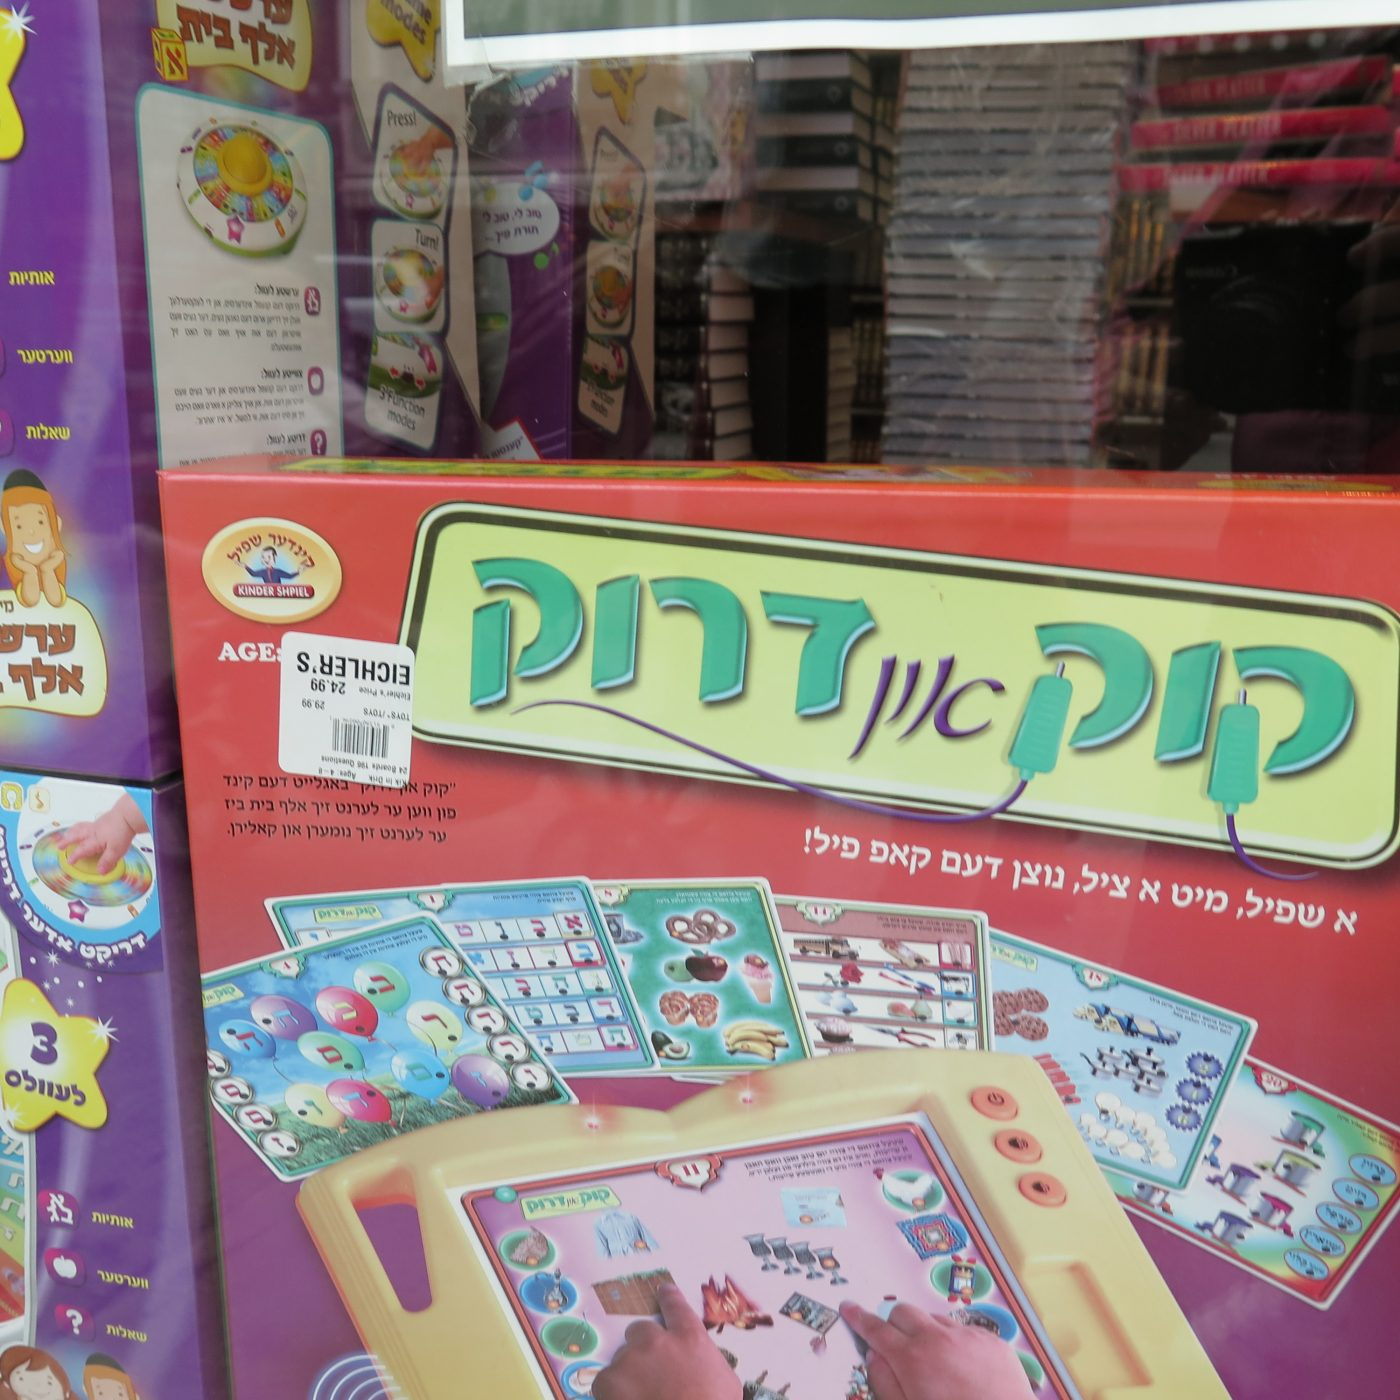 צעצועים שנמכרים בבורו פארק